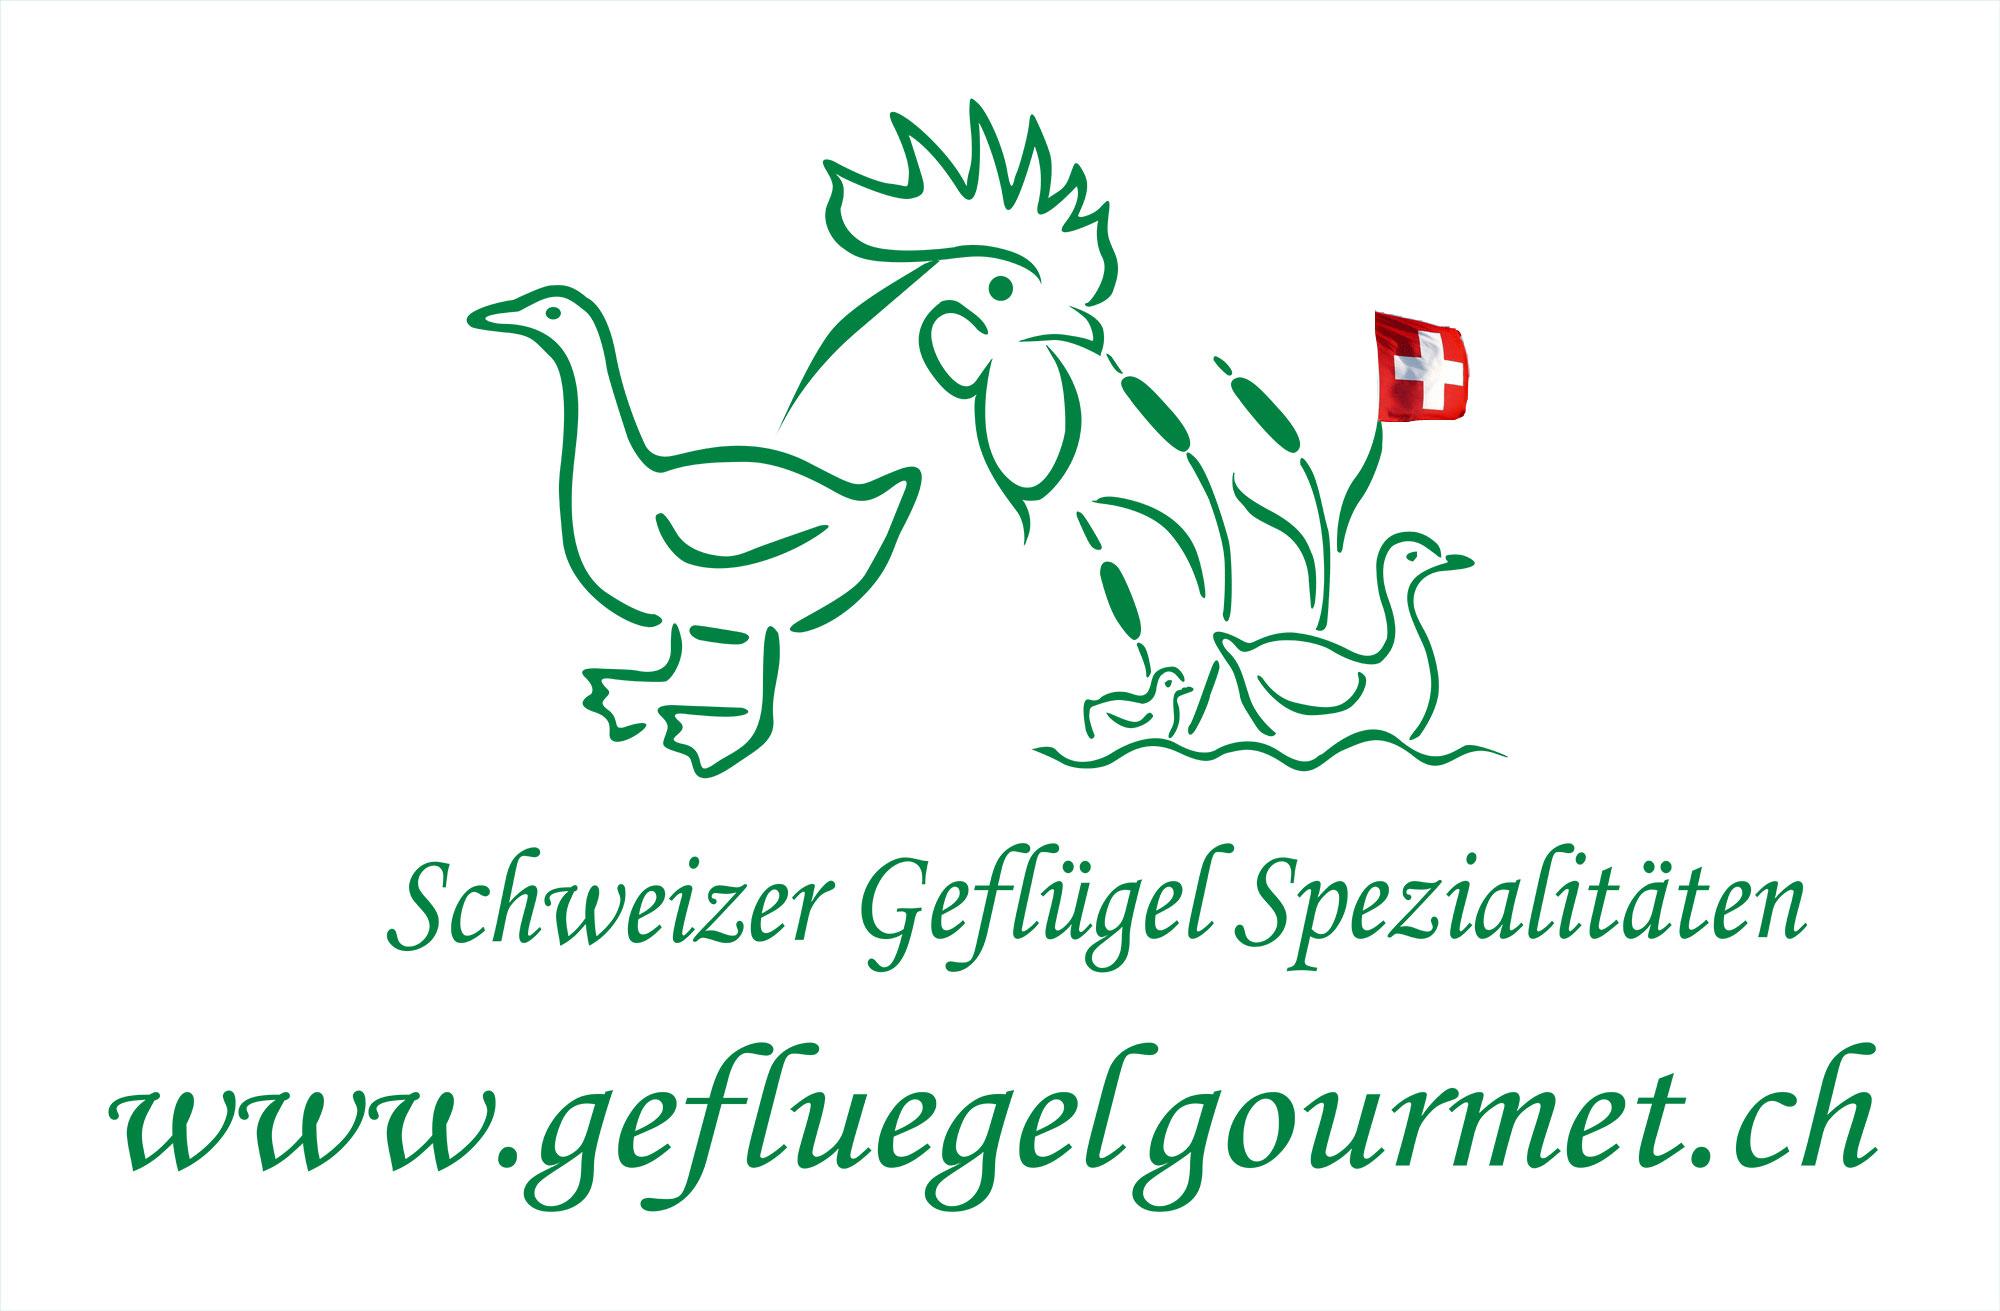 Geflügel Gourmet AG